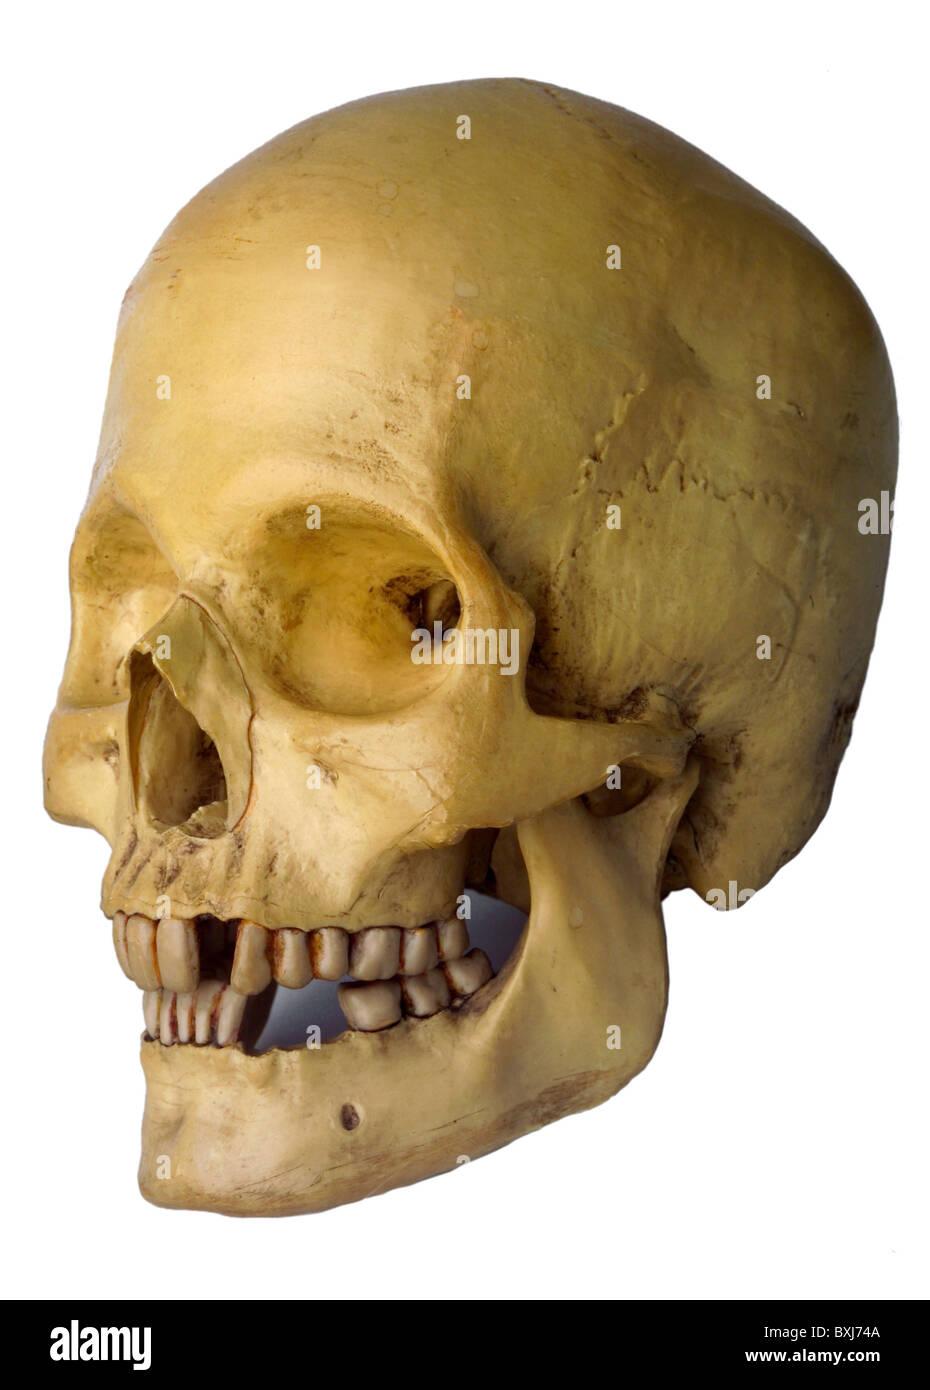 Medizin, Anatomie menschlicher Schädel, natürliche Beispiel, Deutschland, um 1960, Additional-Rights  Stockbild